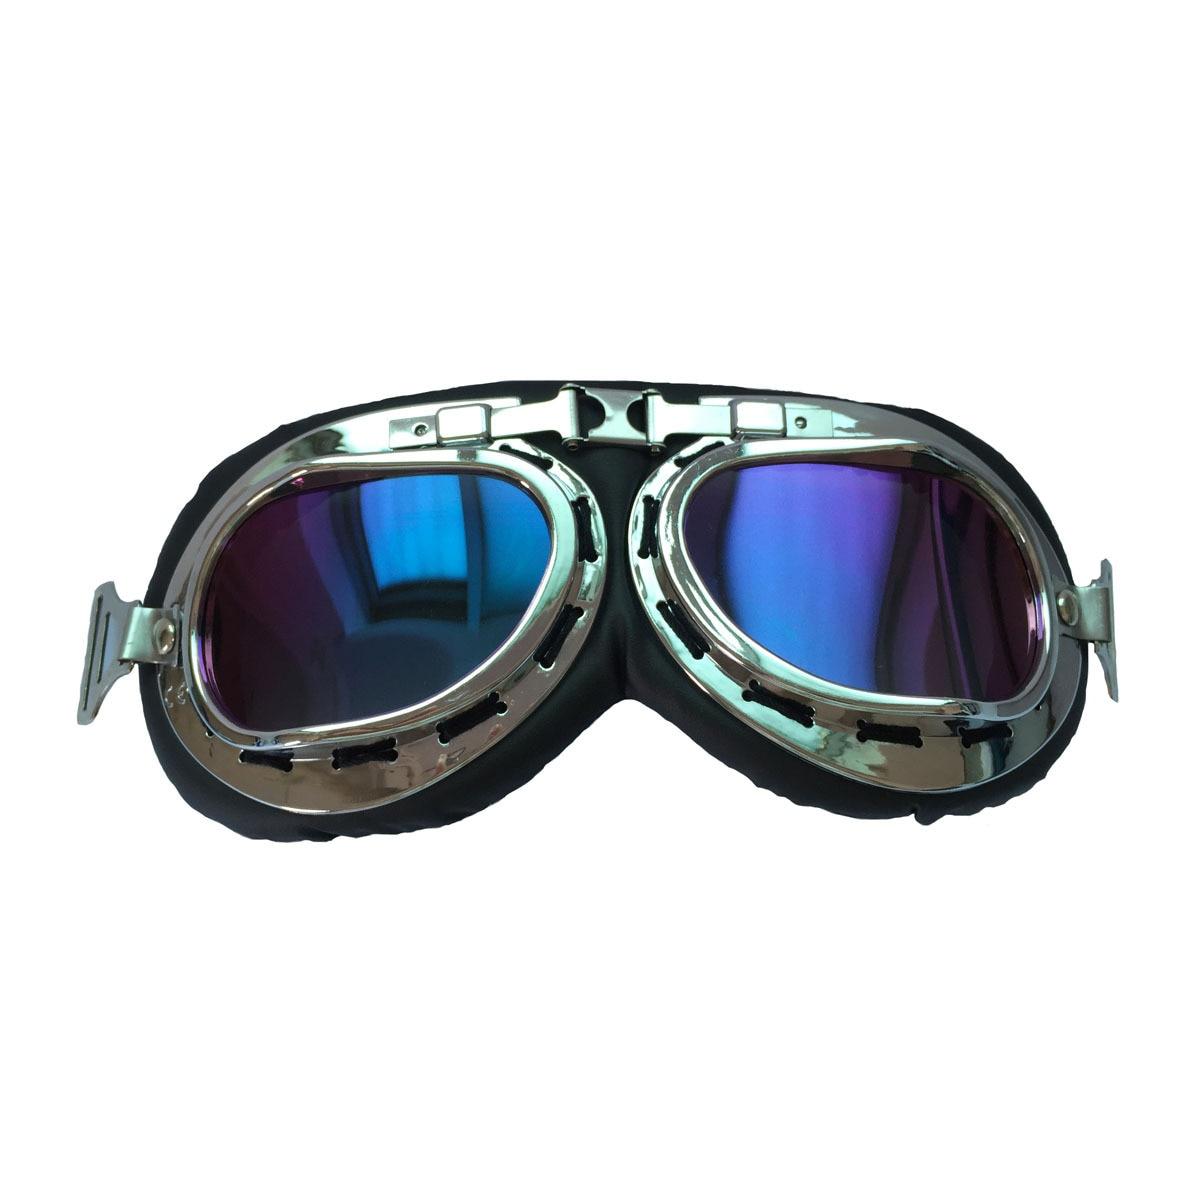 [] Máscara superman esqui para baixo jaqueta chapéu óculos de esqui ao ar livre terno chapéu de bicicleta de vidro